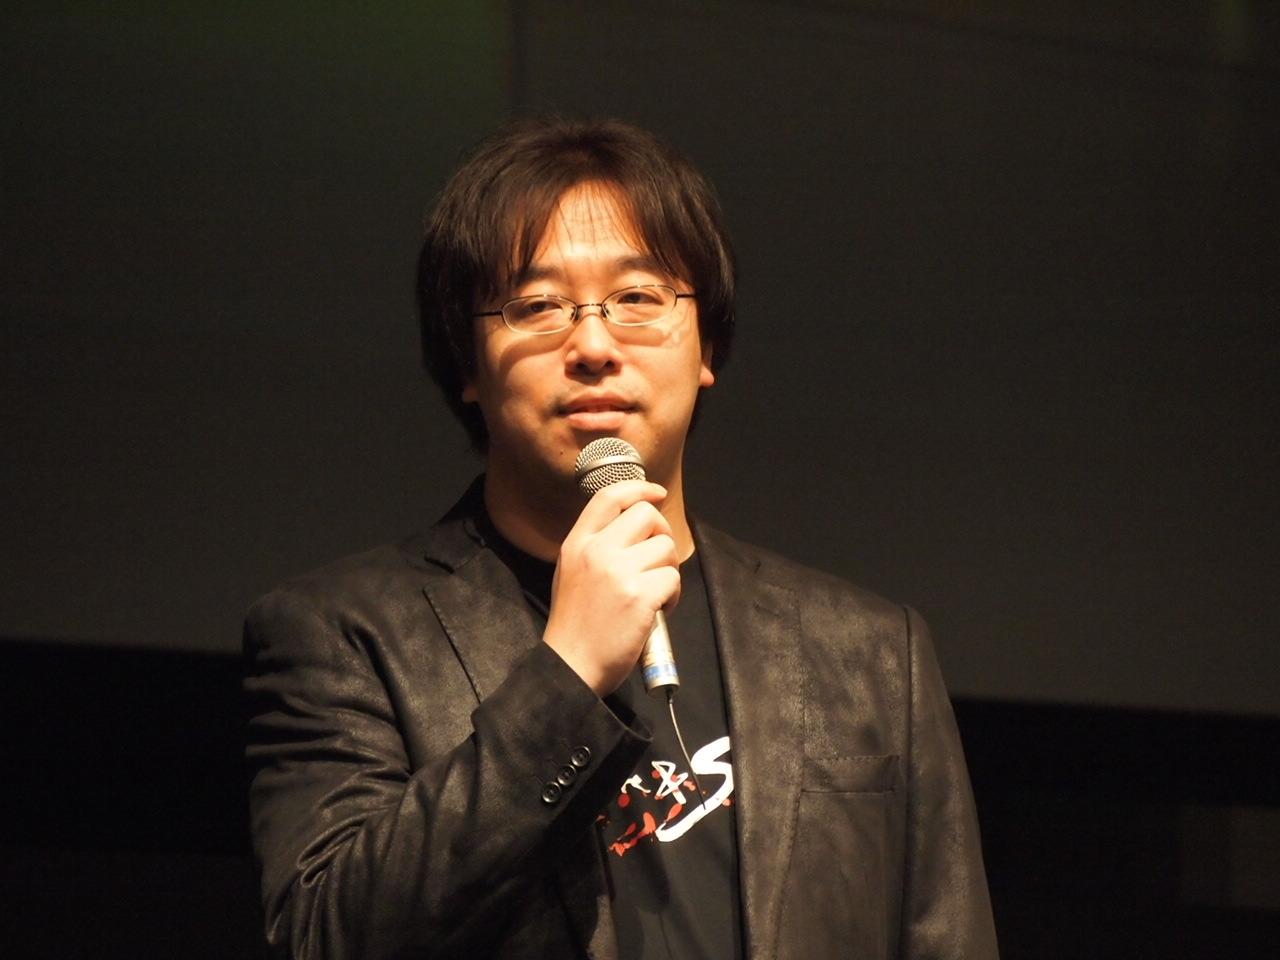 ブレイドアンドソウル日本運営プロデューサー 兼 開発コーディネーター 五條隆将氏